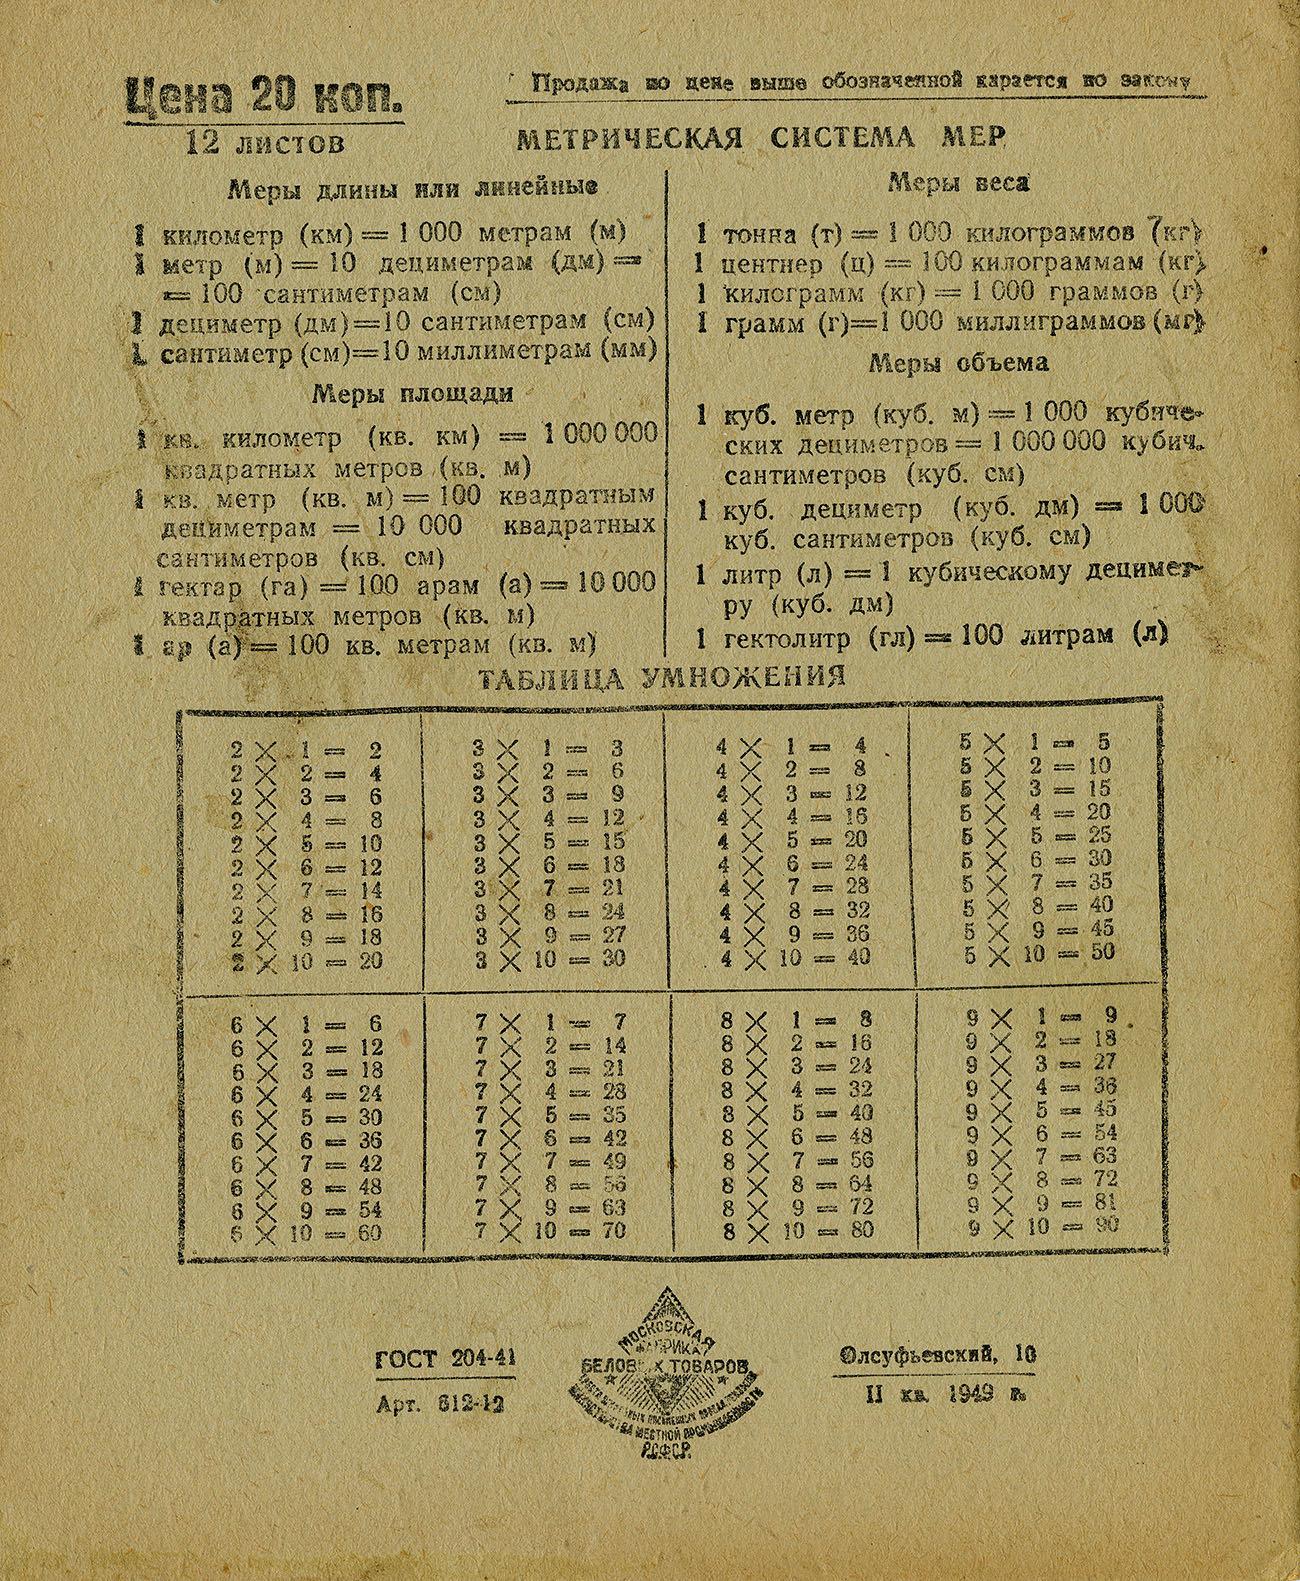 Московская фабрика беловых товаров, 1950, оборот